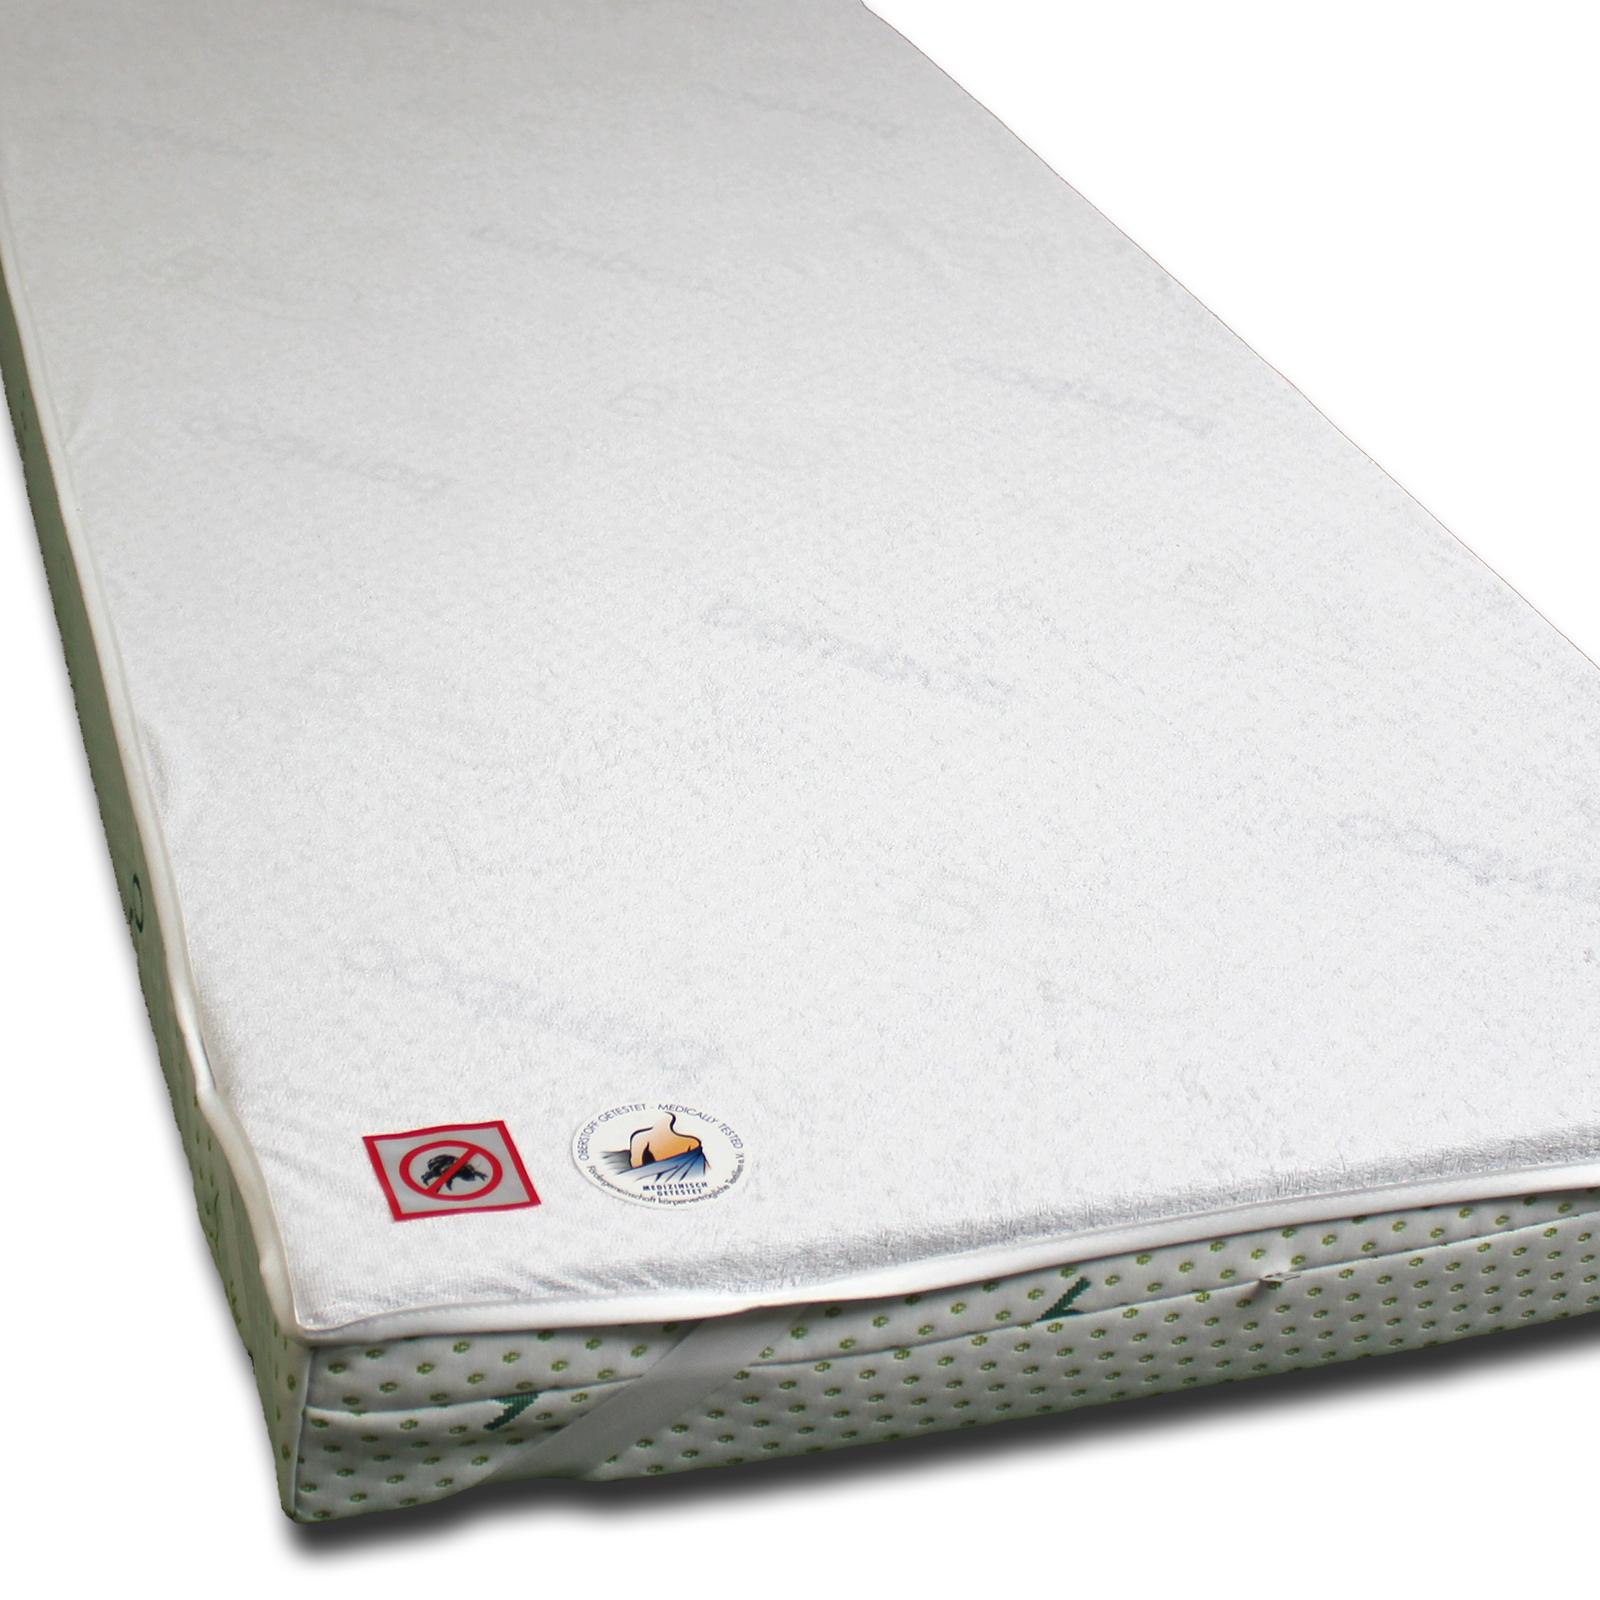 matratzenauflage matratzenschoner frottee inkontinenz wasserdicht n sseschutz ebay. Black Bedroom Furniture Sets. Home Design Ideas